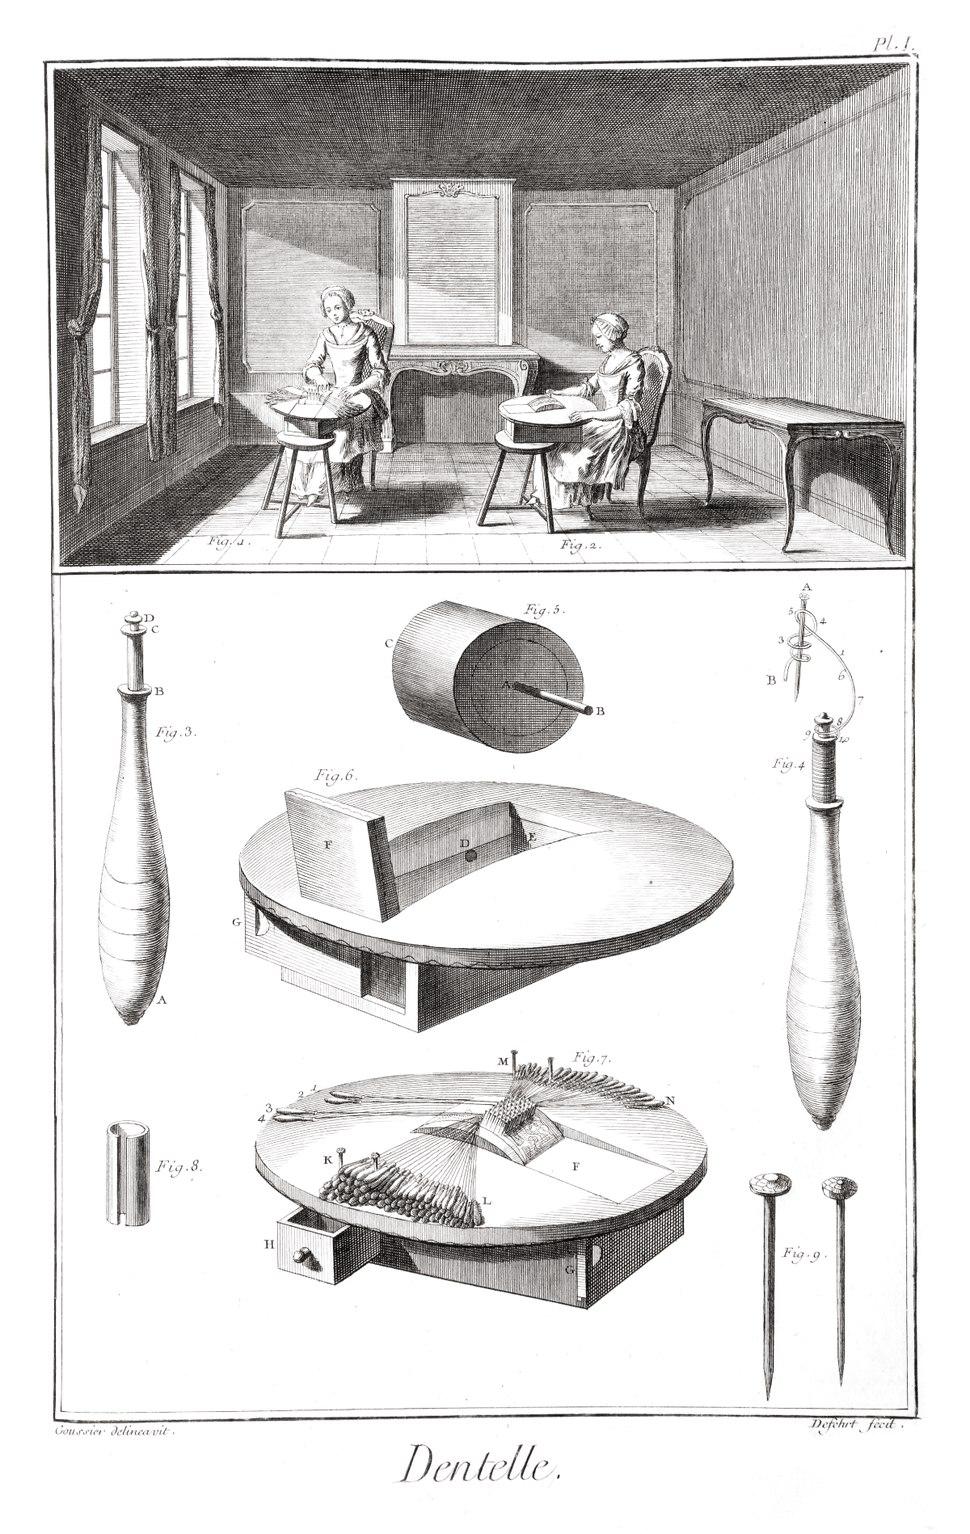 Encyklopedi av Diderot & d´Alembert med planscher(planschband), från 1751-1765 - Skoklosters slott - 86208